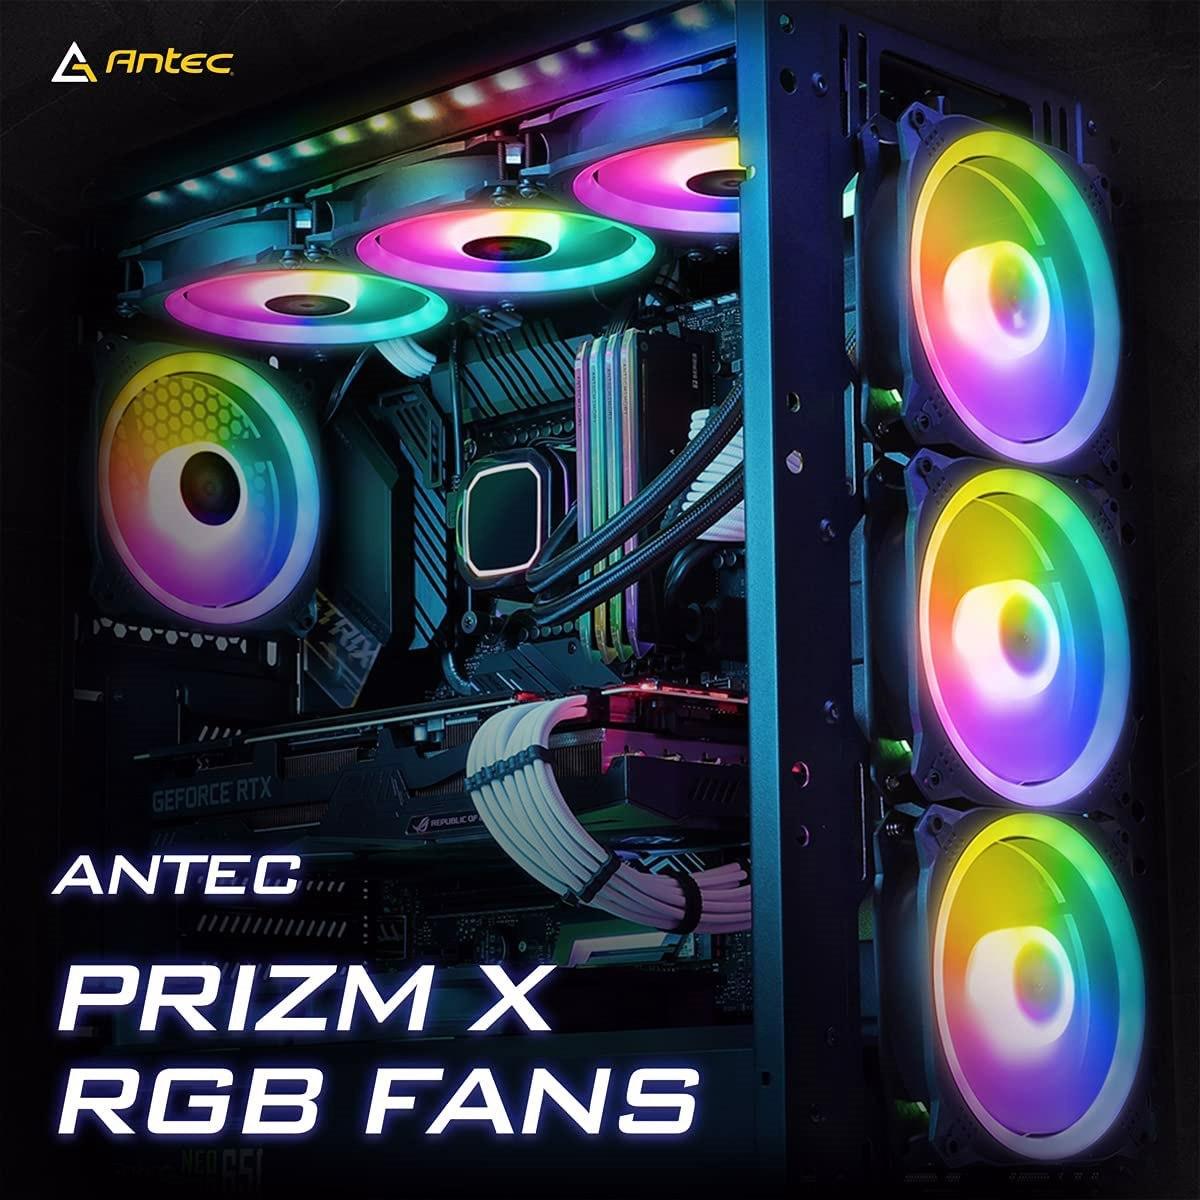 Antec Prizm X 120MM Argb Fan 3+C 3X RGB Dual Ring PWM Fan, 2 X Led Strip, And 1X RGB Fan Controller. 2 Years Warranty